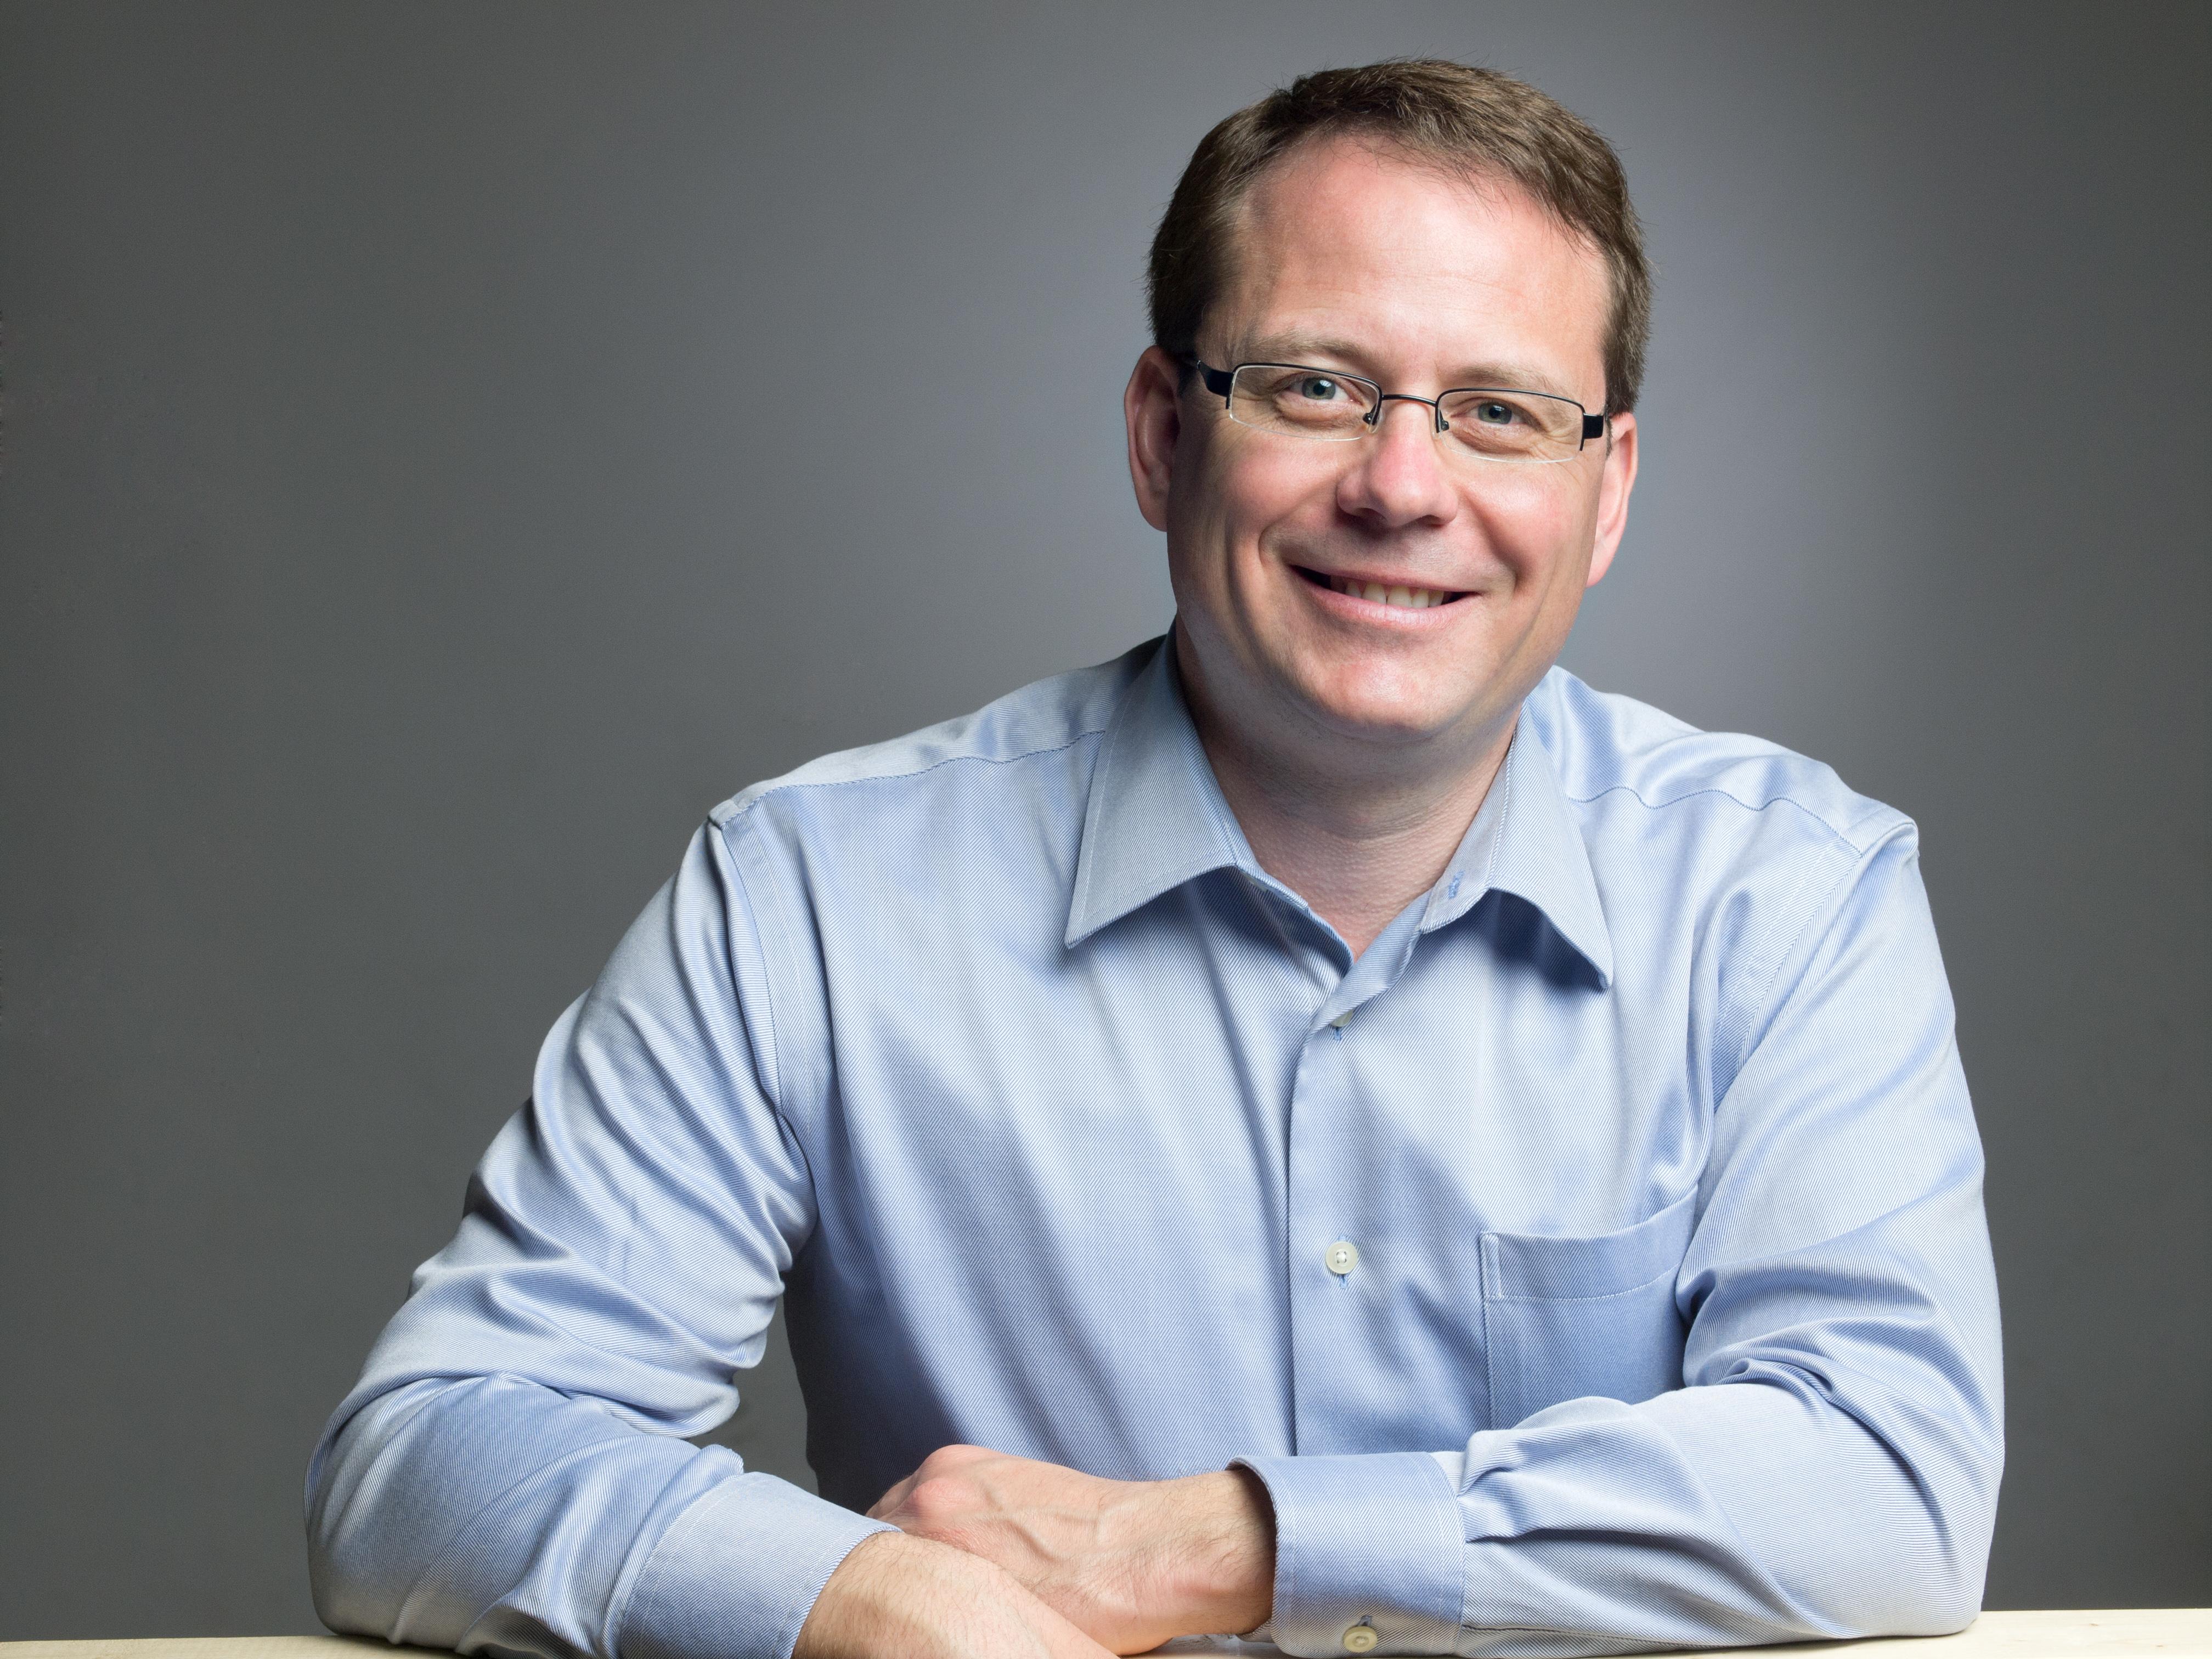 Mike Schreiner